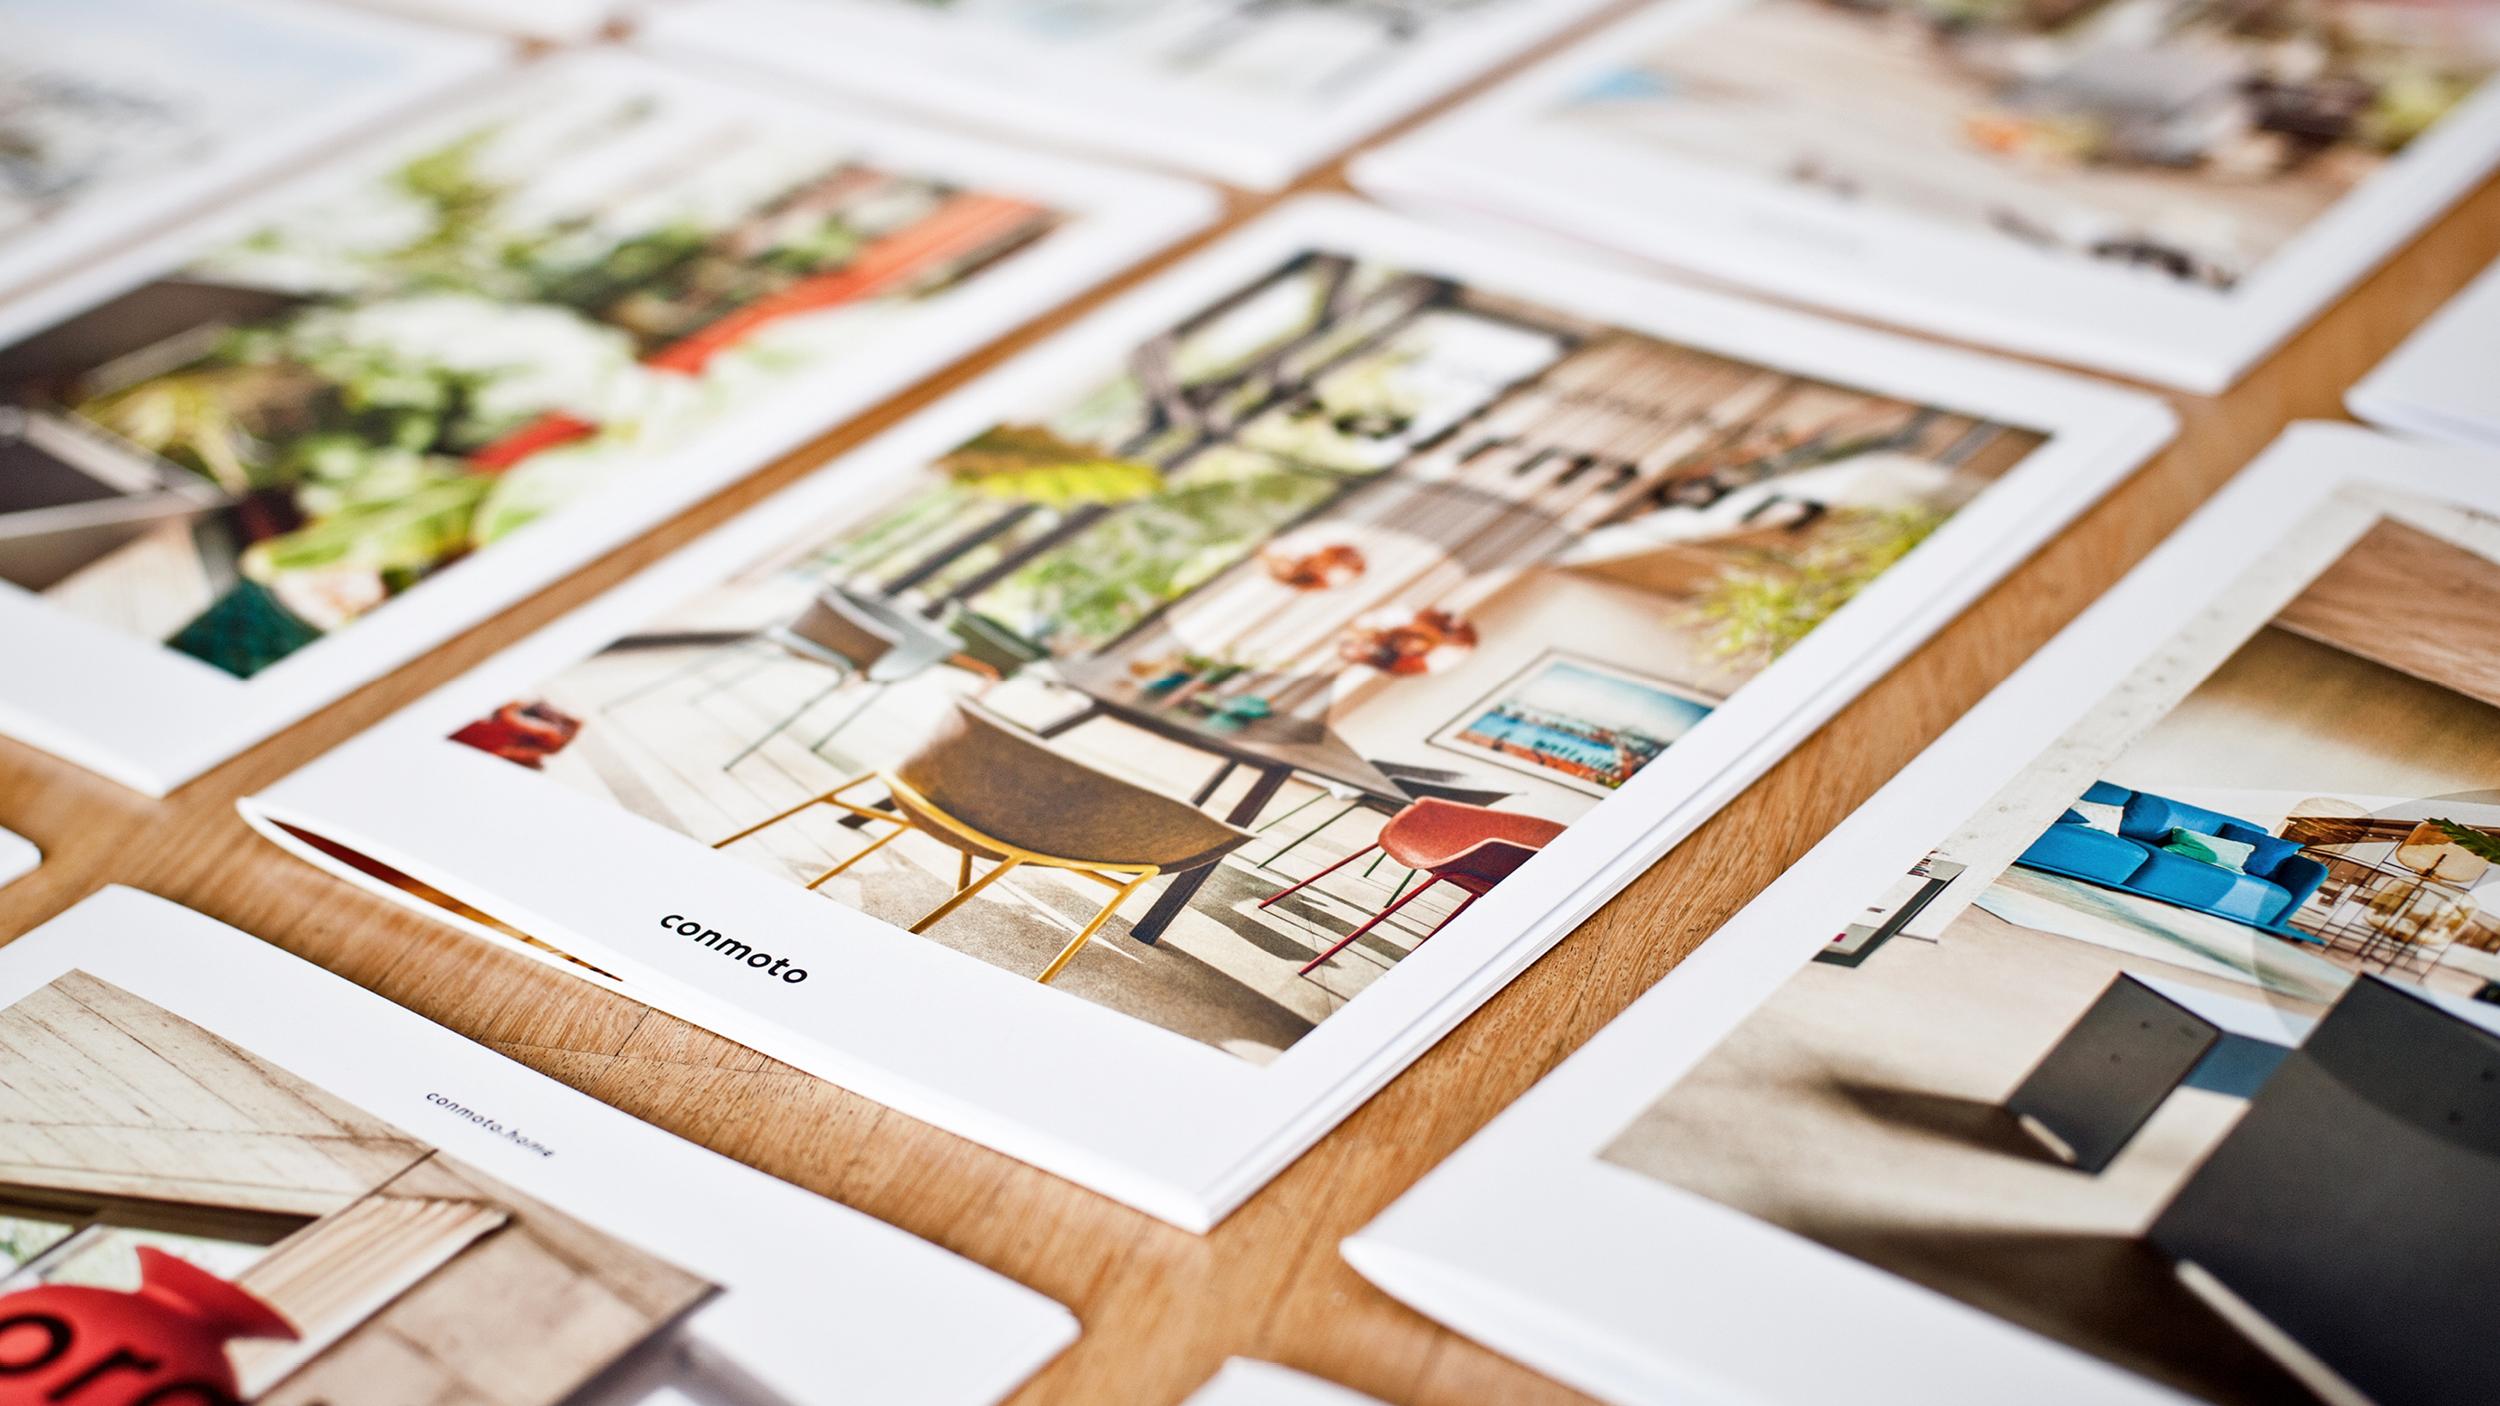 UNGESTRICHEN_conmoto catalogs 2010_start_017.jpg